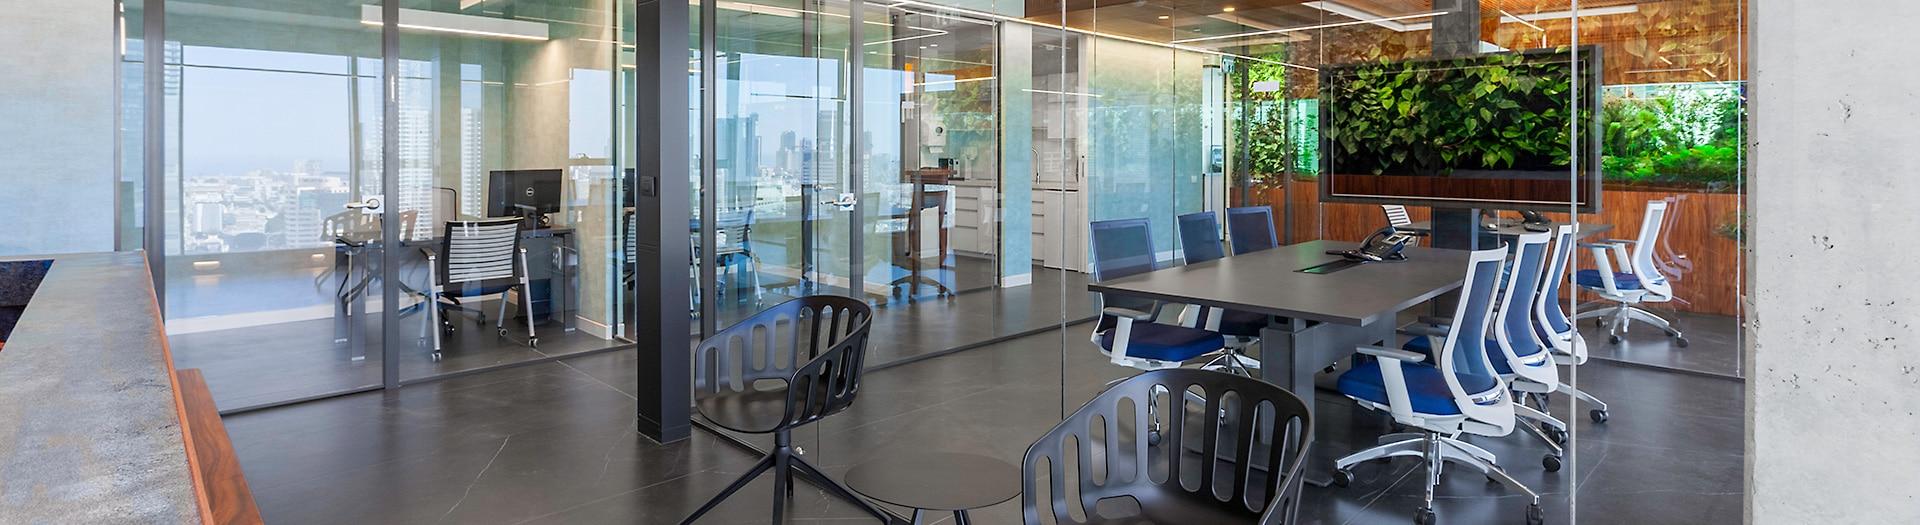 עיצוב משרד עם קיר ירוק וטקסטורות טבעיות